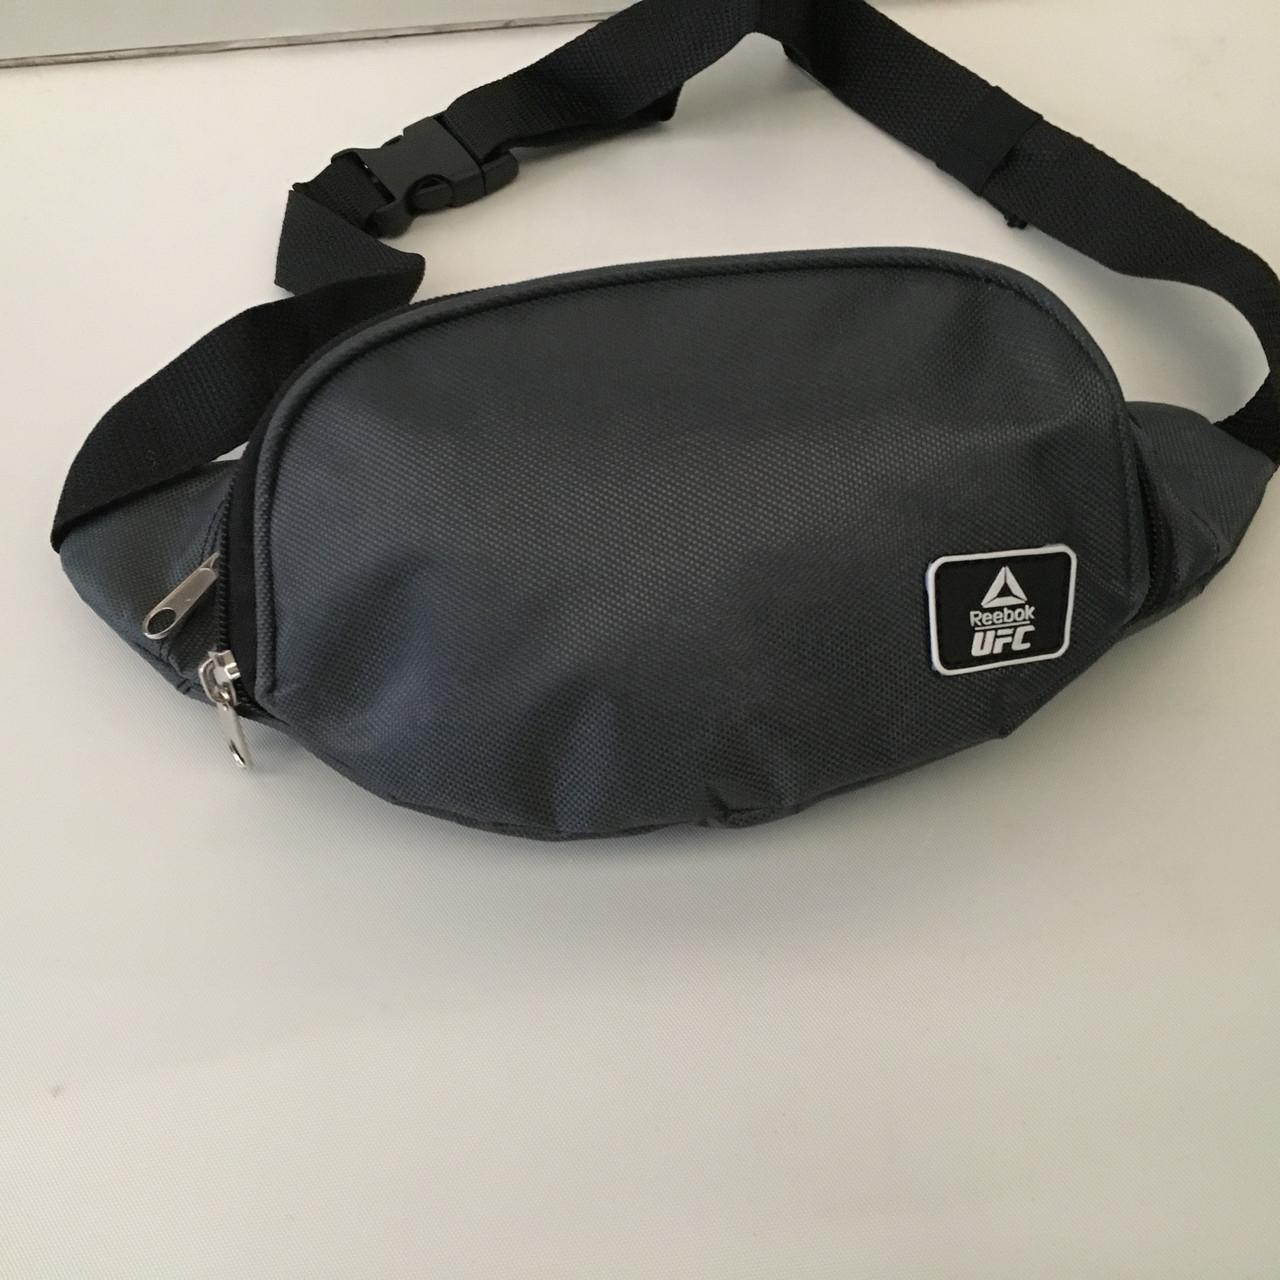 8e9a778e85a5 Молодёжная сумка бананка на пояс или через плечо удобная Reebok -UFC ( 3  отделения)